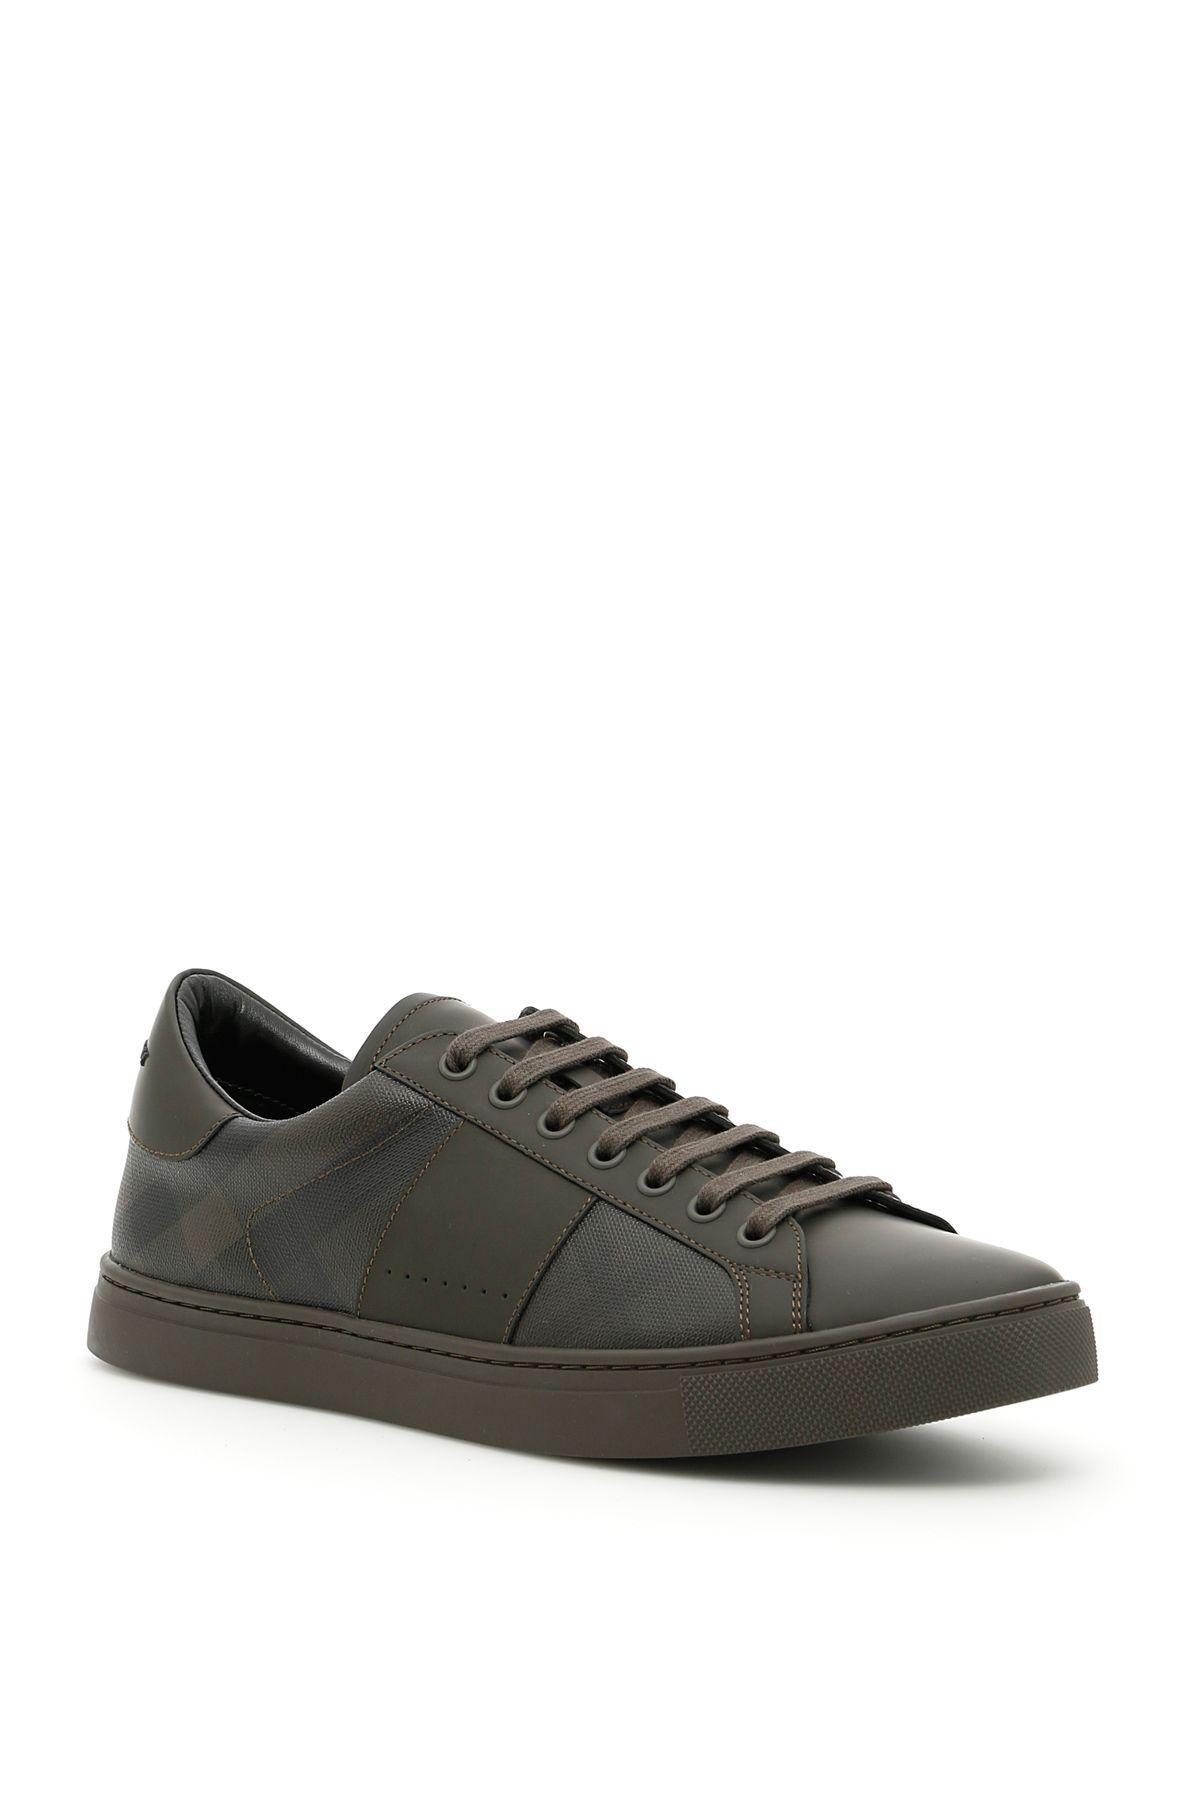 Burberry Ritson Sneakers In Peppercornmarrone